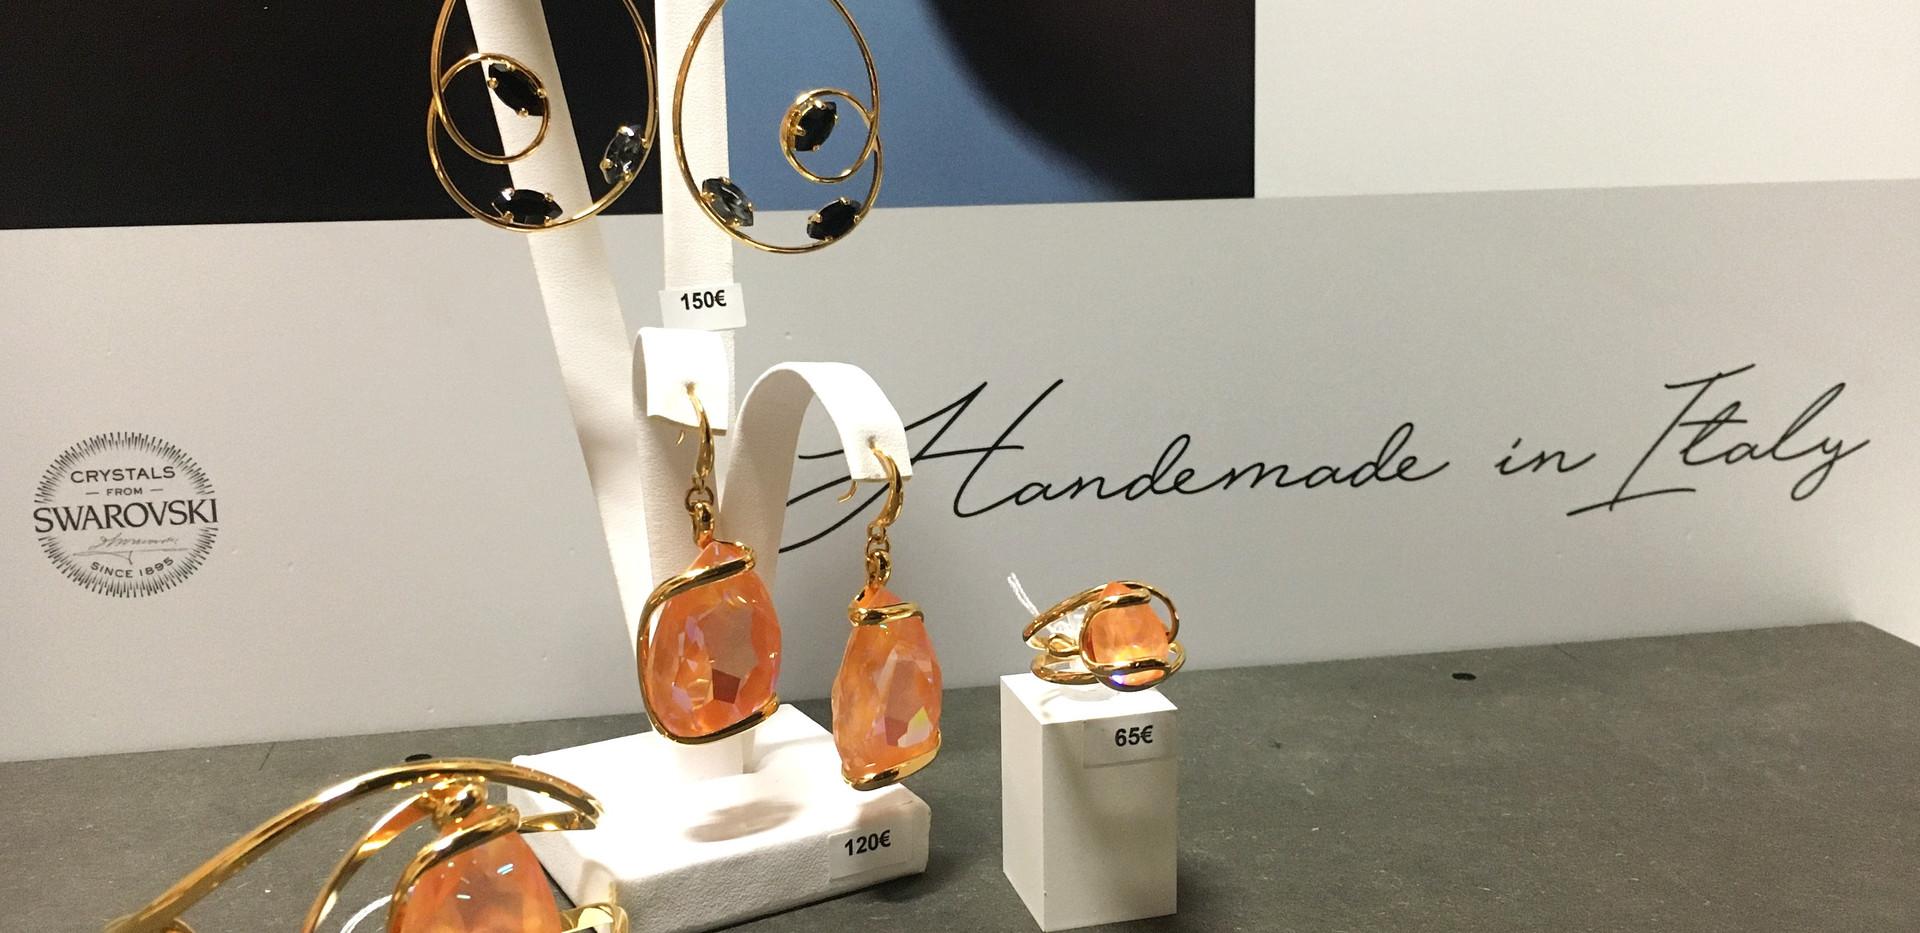 Andrea Marazzini  Collection plaqué or Boucle oreille cristaux navettes noir 165€  Boucle oreille et bracelet cristaux orange poire.